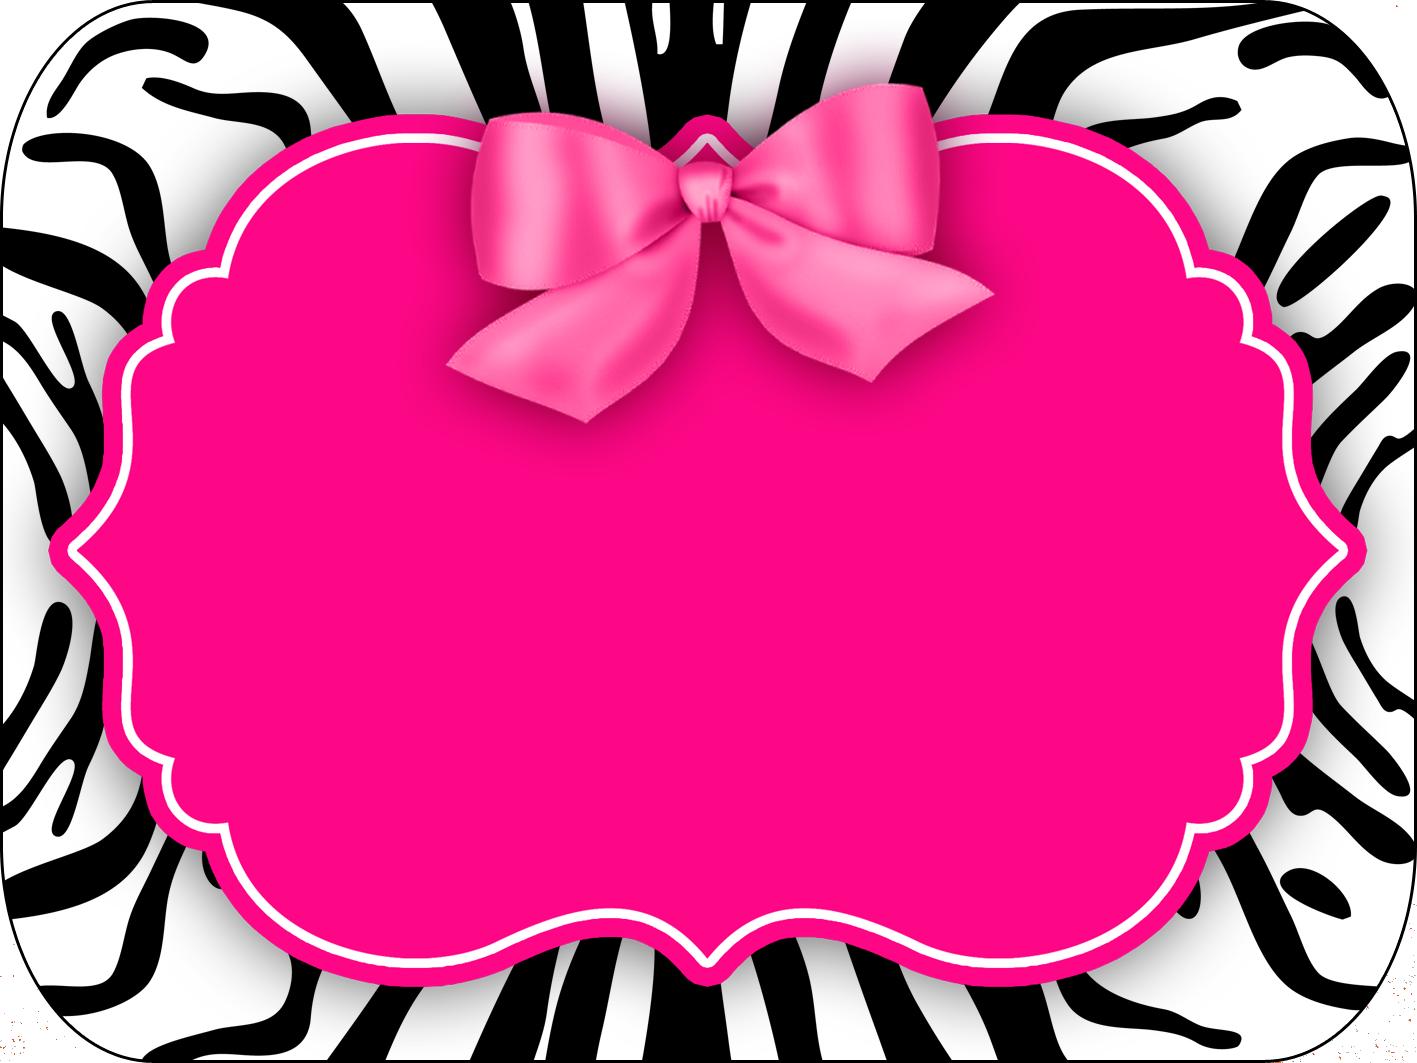 Montando a minha festa: Zebra rosa e preto | Caratulas y Etiquetas ...